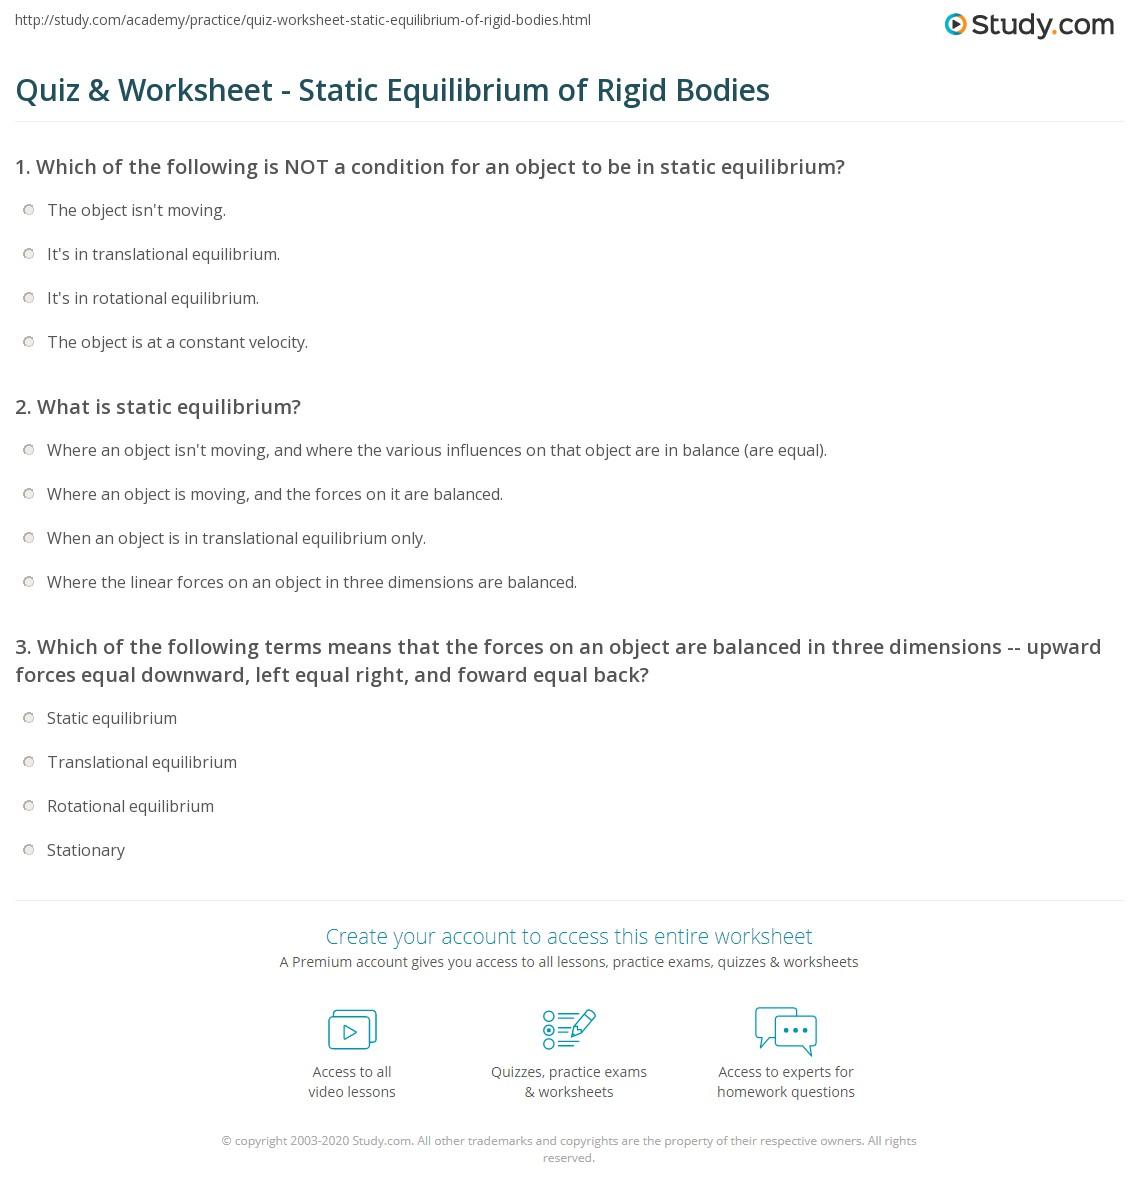 Print Static Equilibrium of Rigid Bodies Worksheet